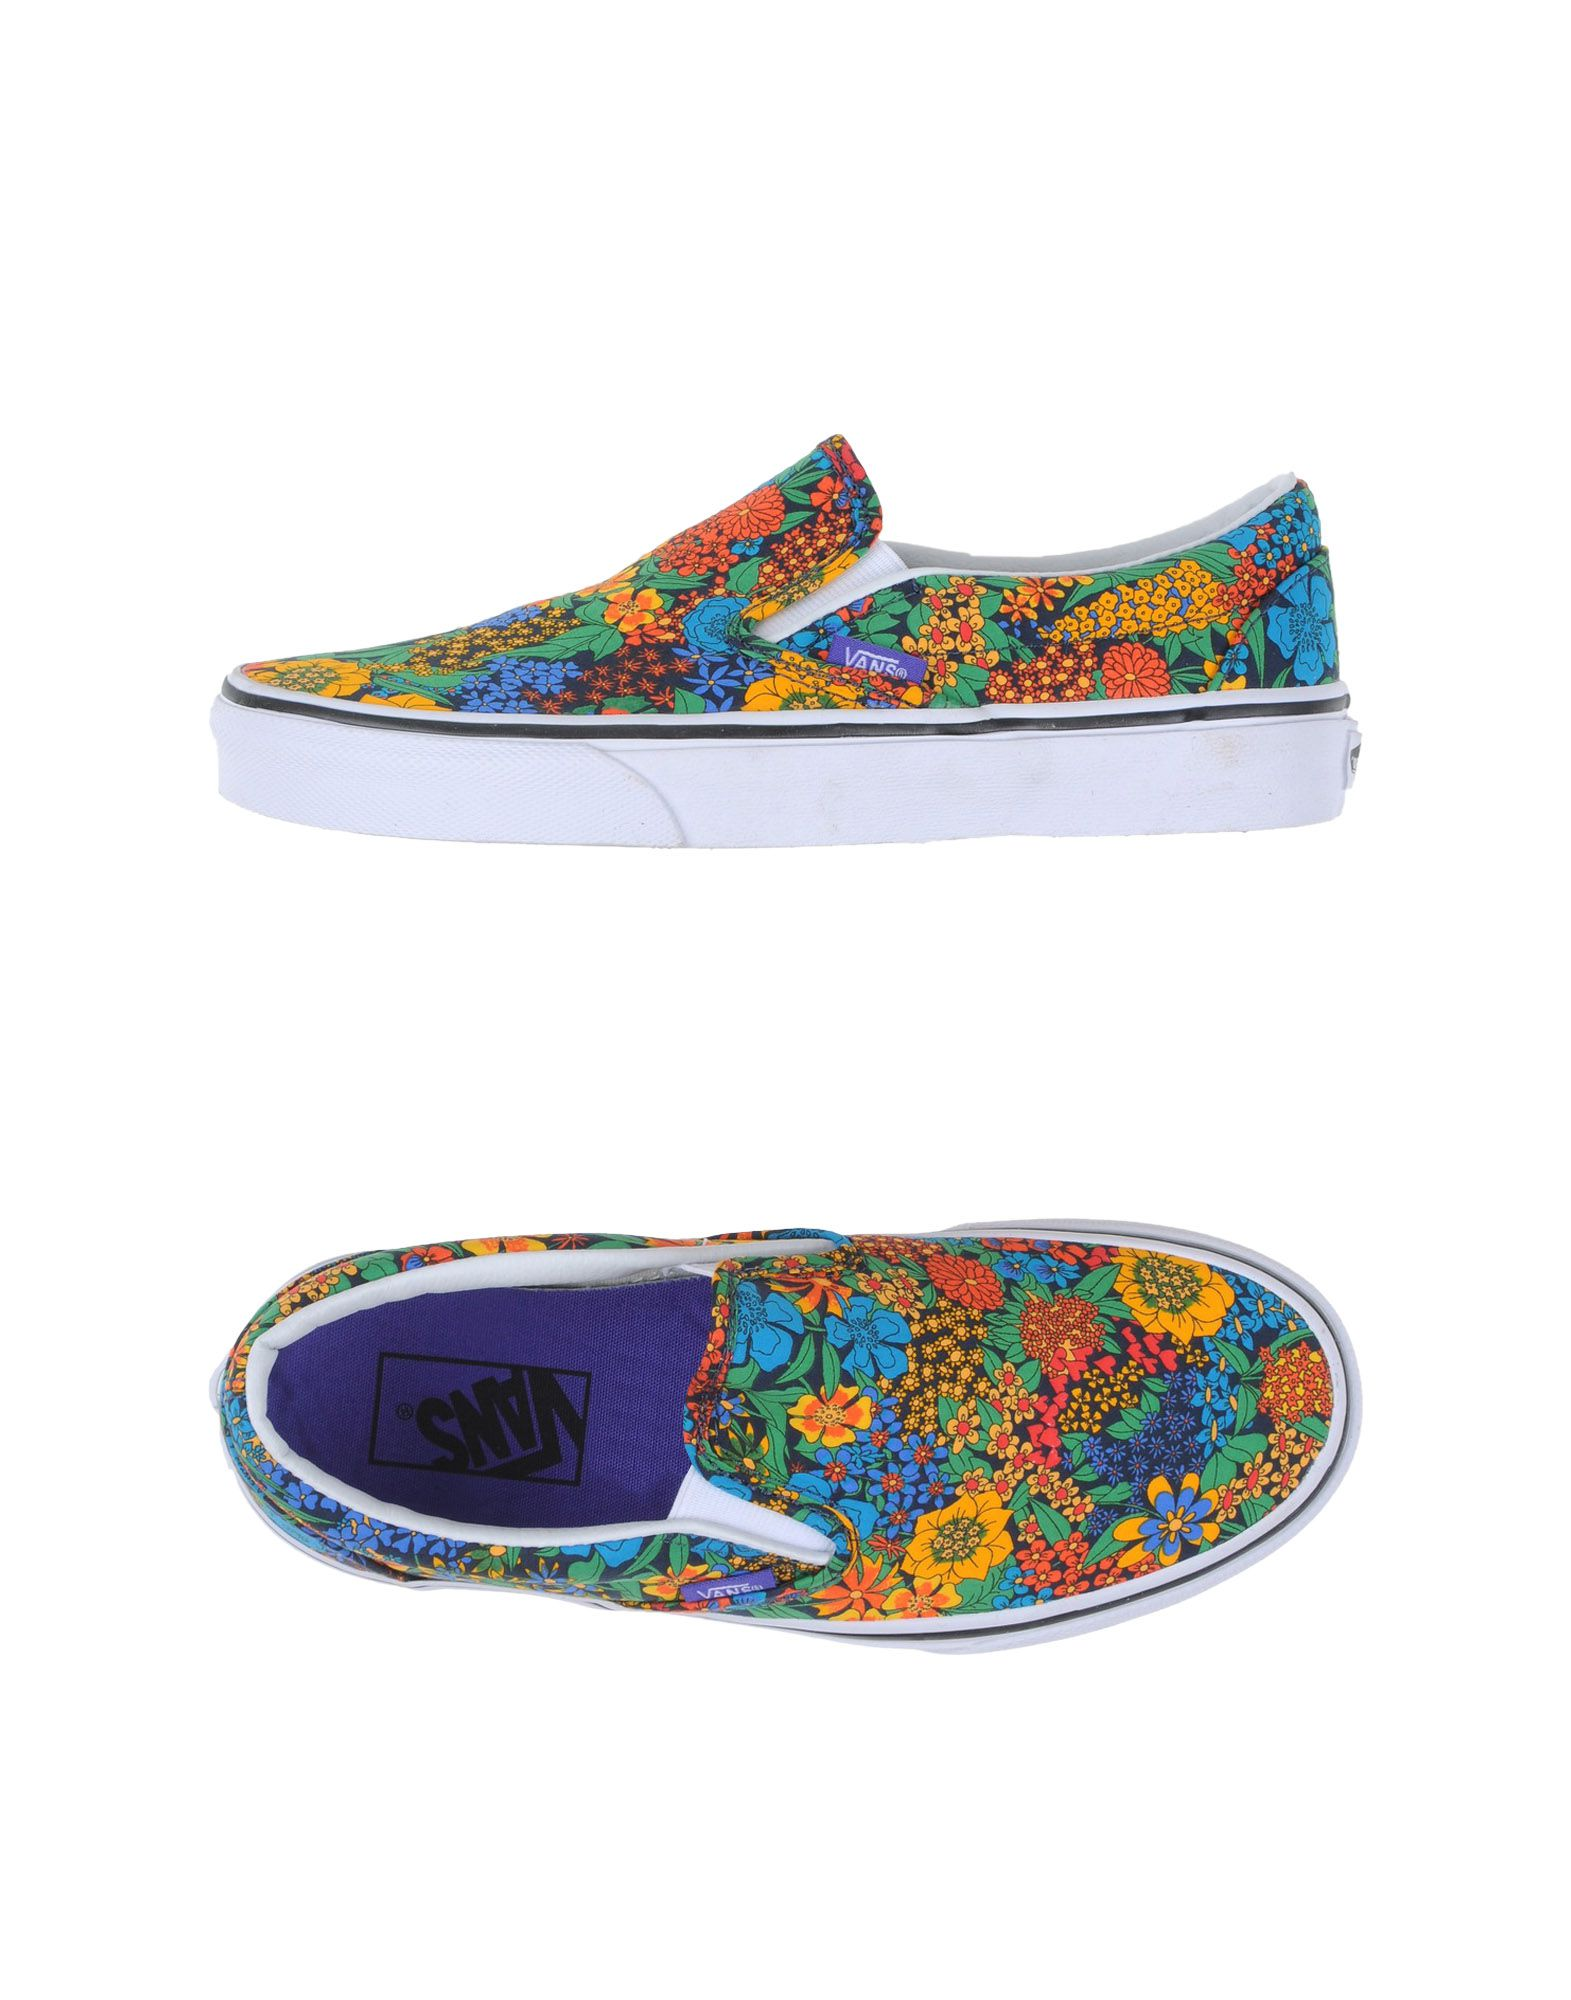 Vans Sneakers - Women  Vans Sneakers online on  Women Australia - 44934205NS a39700